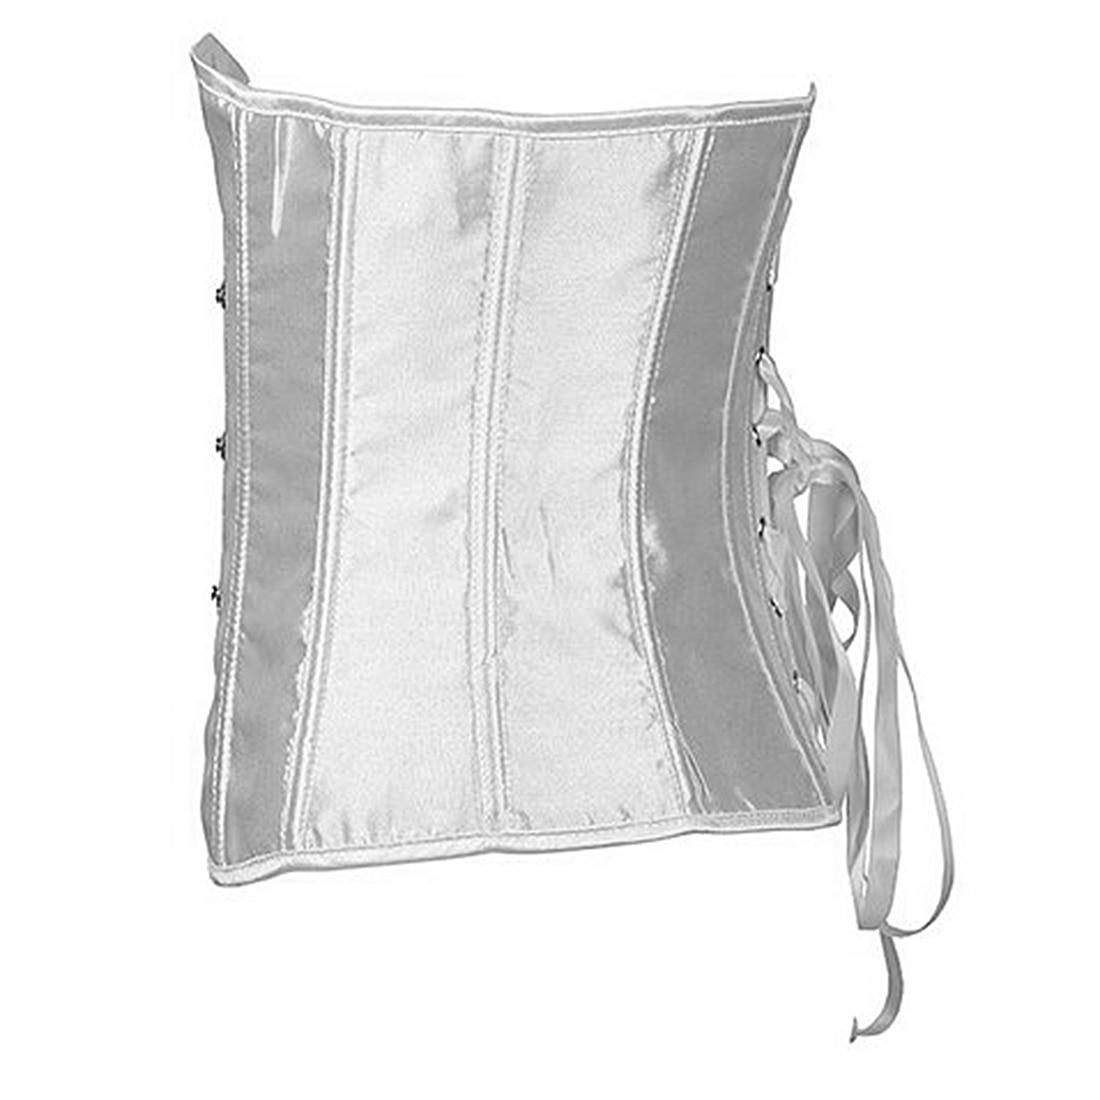 Для женщин талии Cincher грудью корсет с-стринги 8 Корректирующее бельё  Размеры 2 цвета c6af86d1612